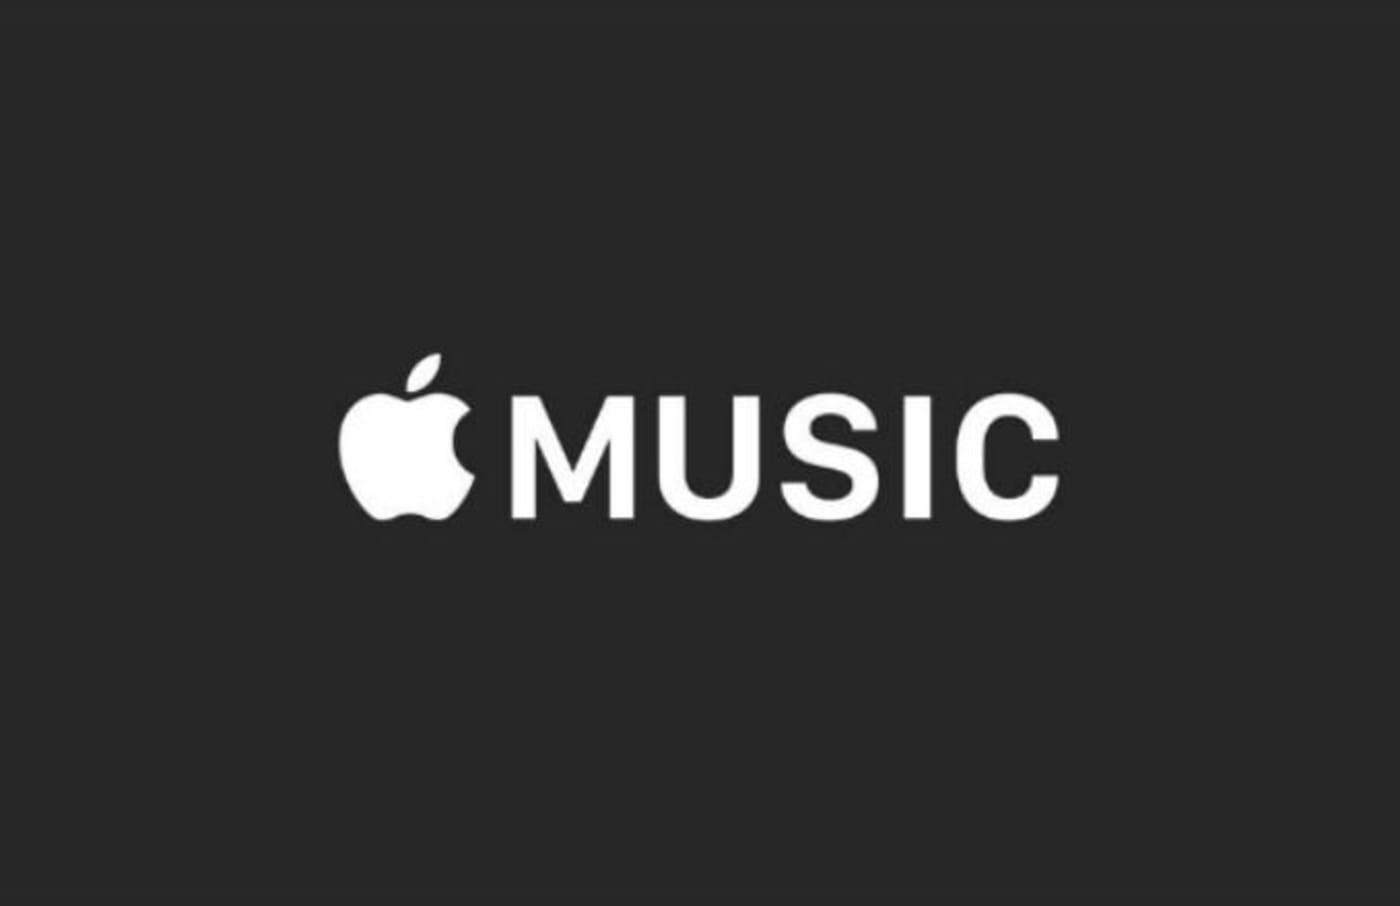 apple music logo.jpg